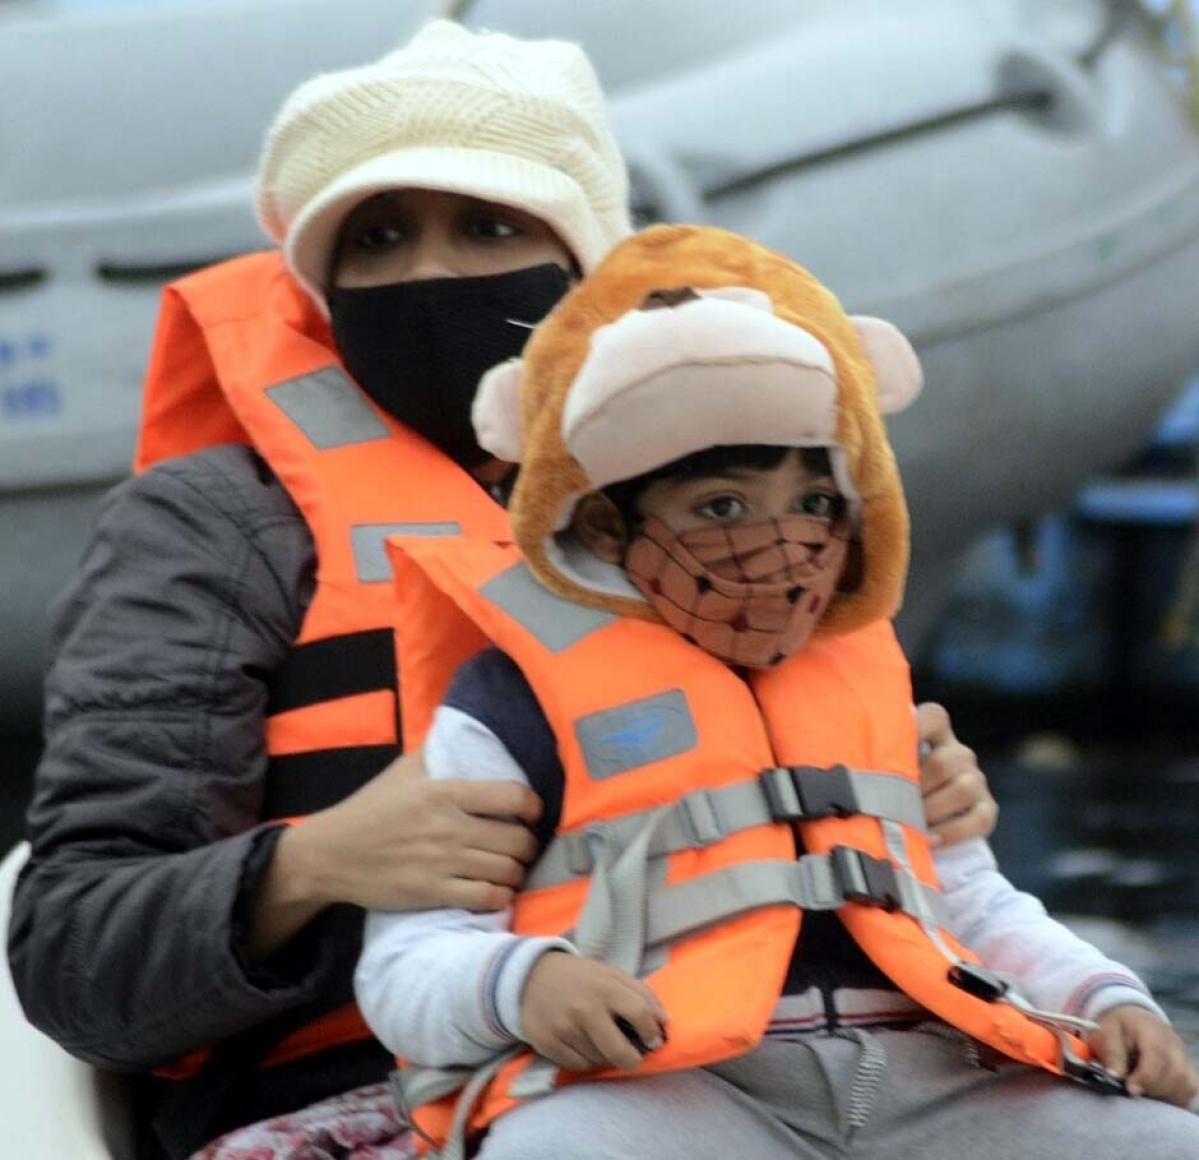 Bhopal recorded 22.9°Celsius maximum temperature and 7°Celsius minimum temperature on Wednesday